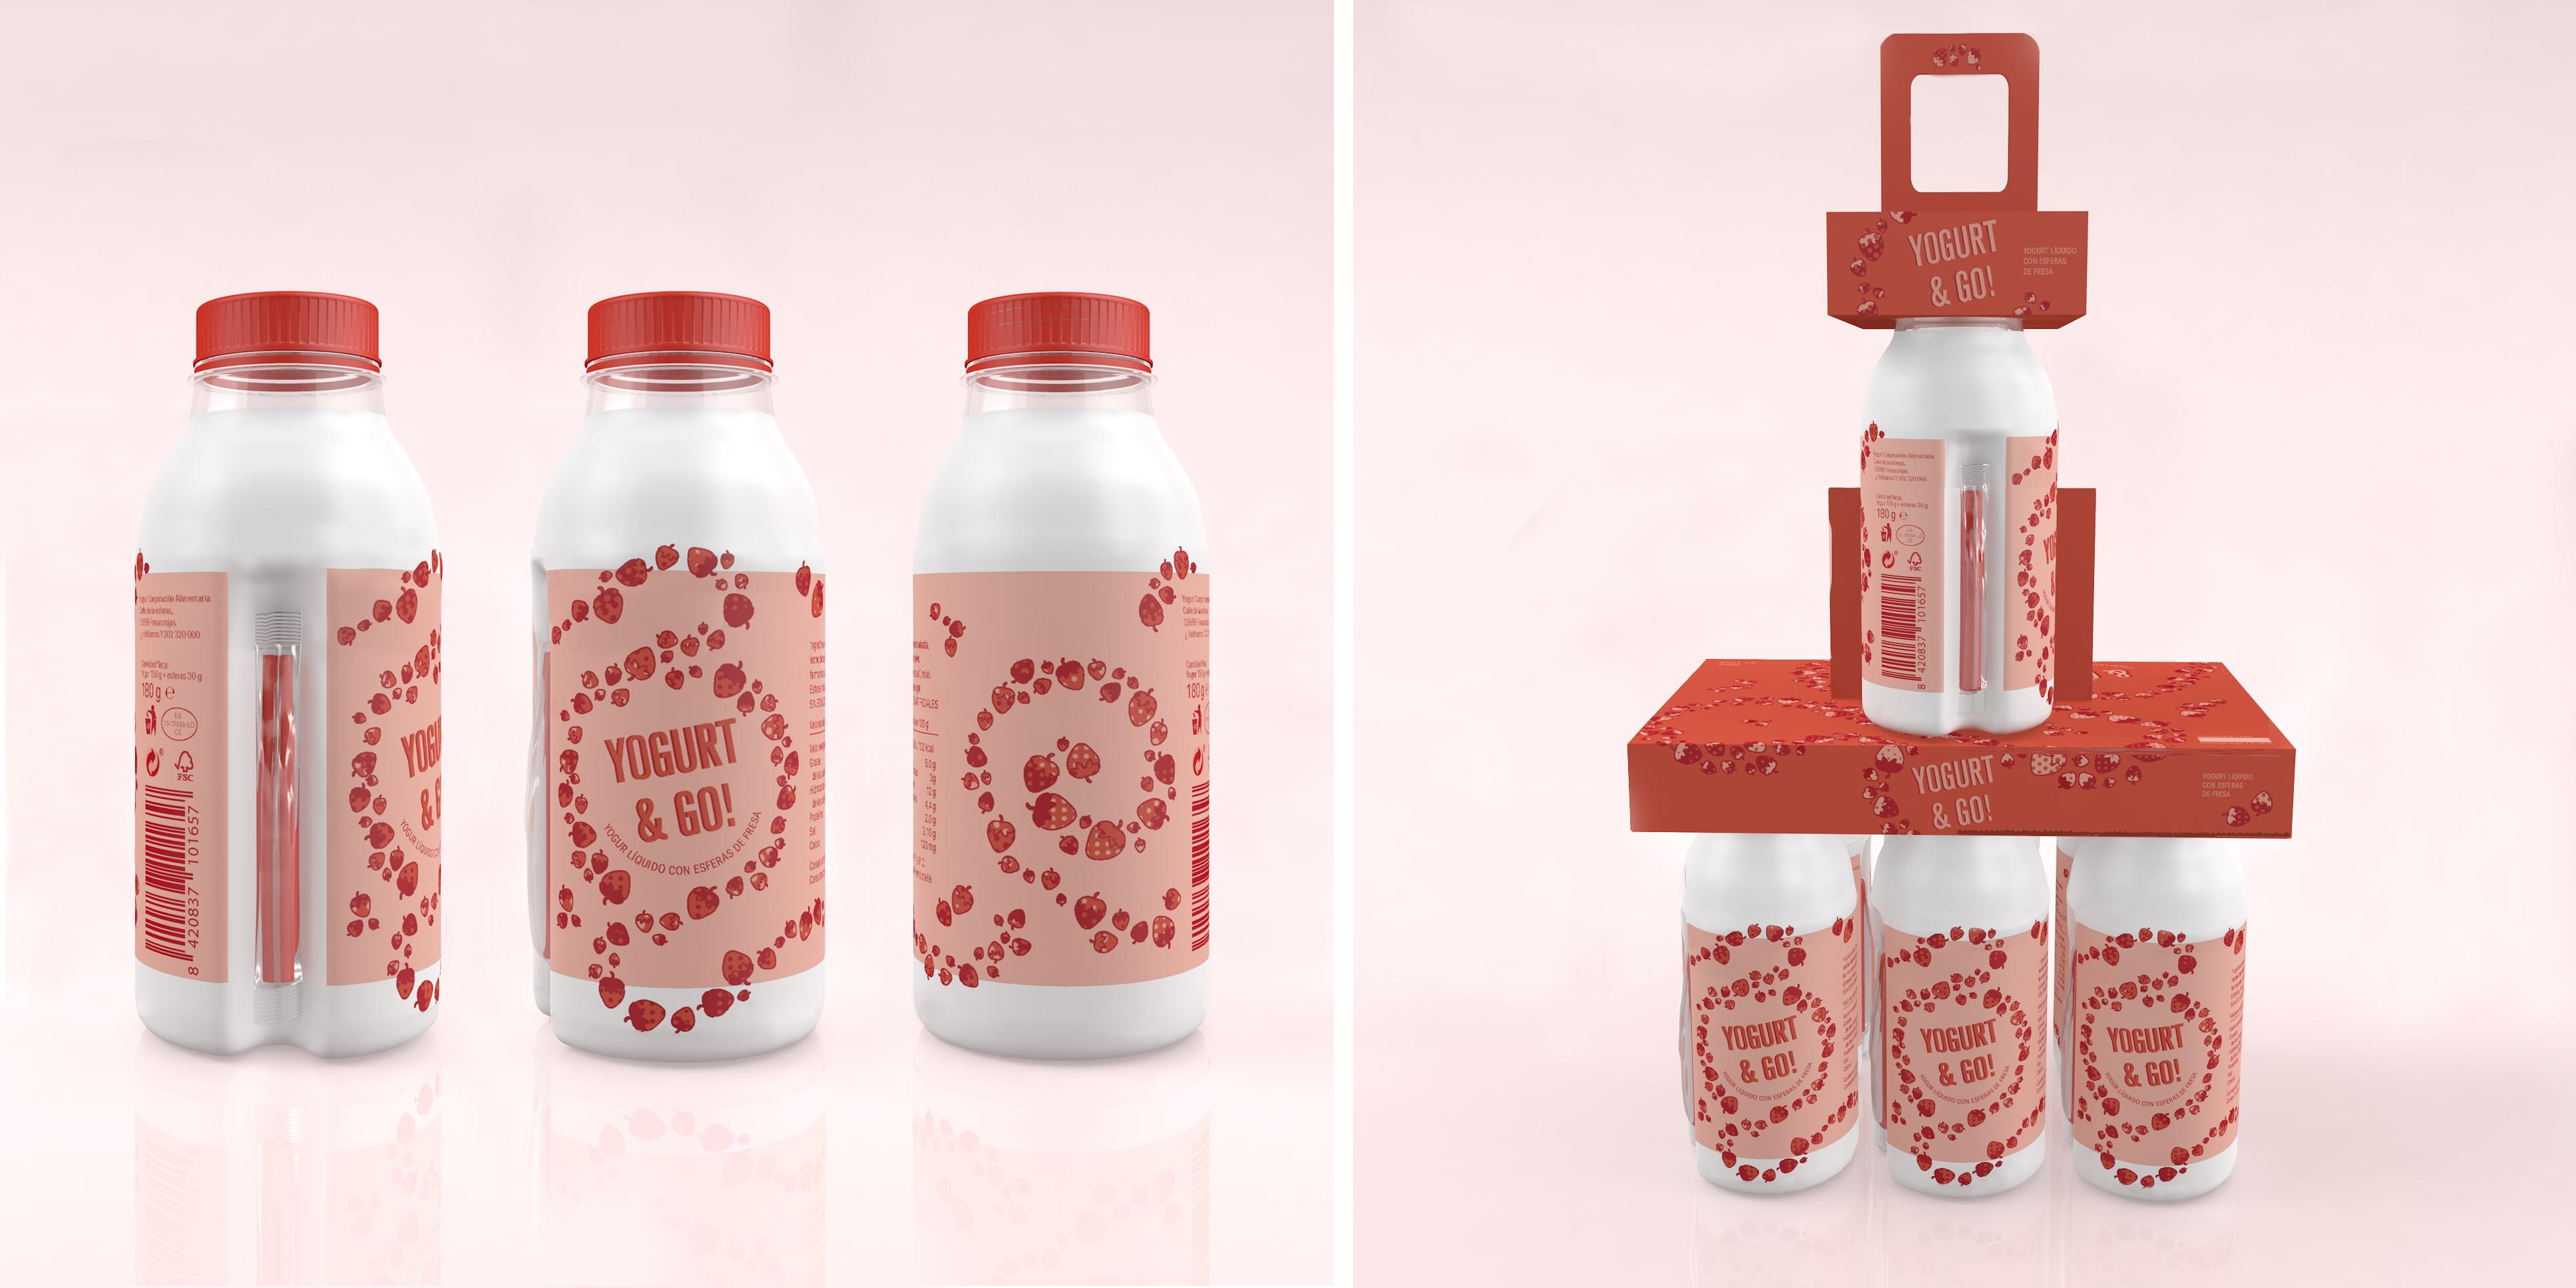 Yogurt & Go by Carlota Carrillo y Mercè Puig - Creative Work - $i